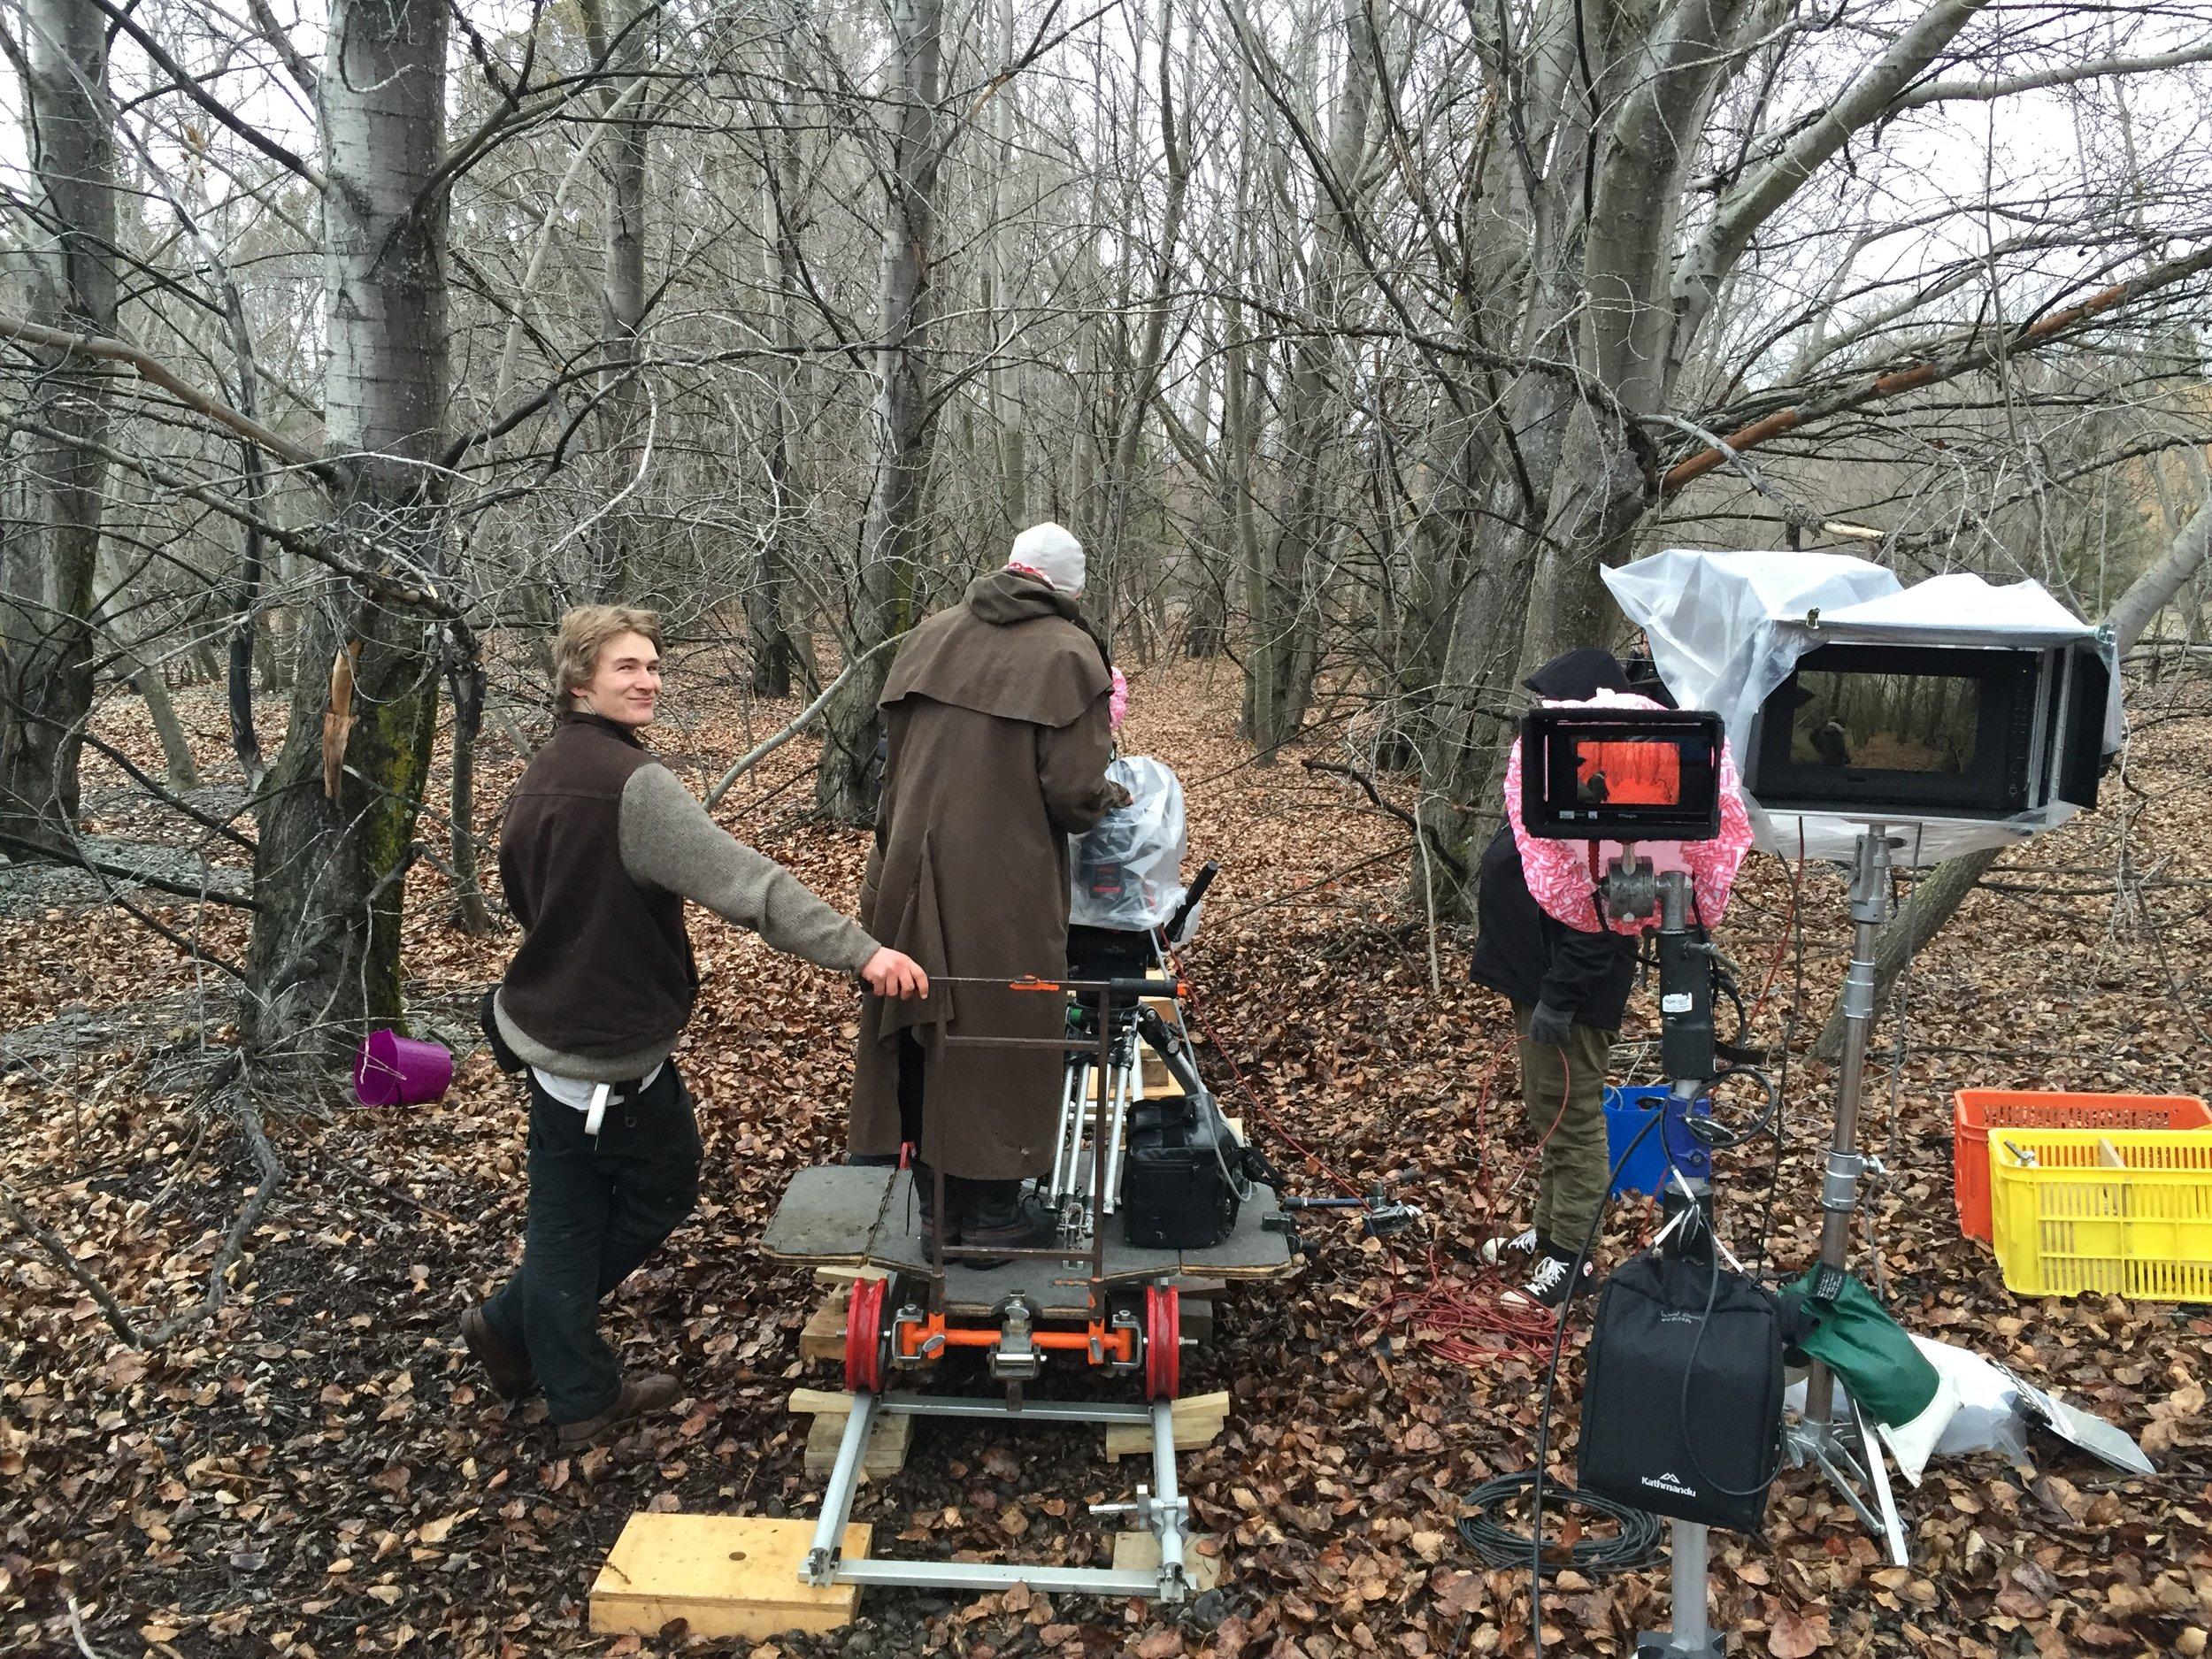 Key Grip Jimmy Bollinger, Cinematographer Ari Wegner, Lighting Technician Ash Bartlett